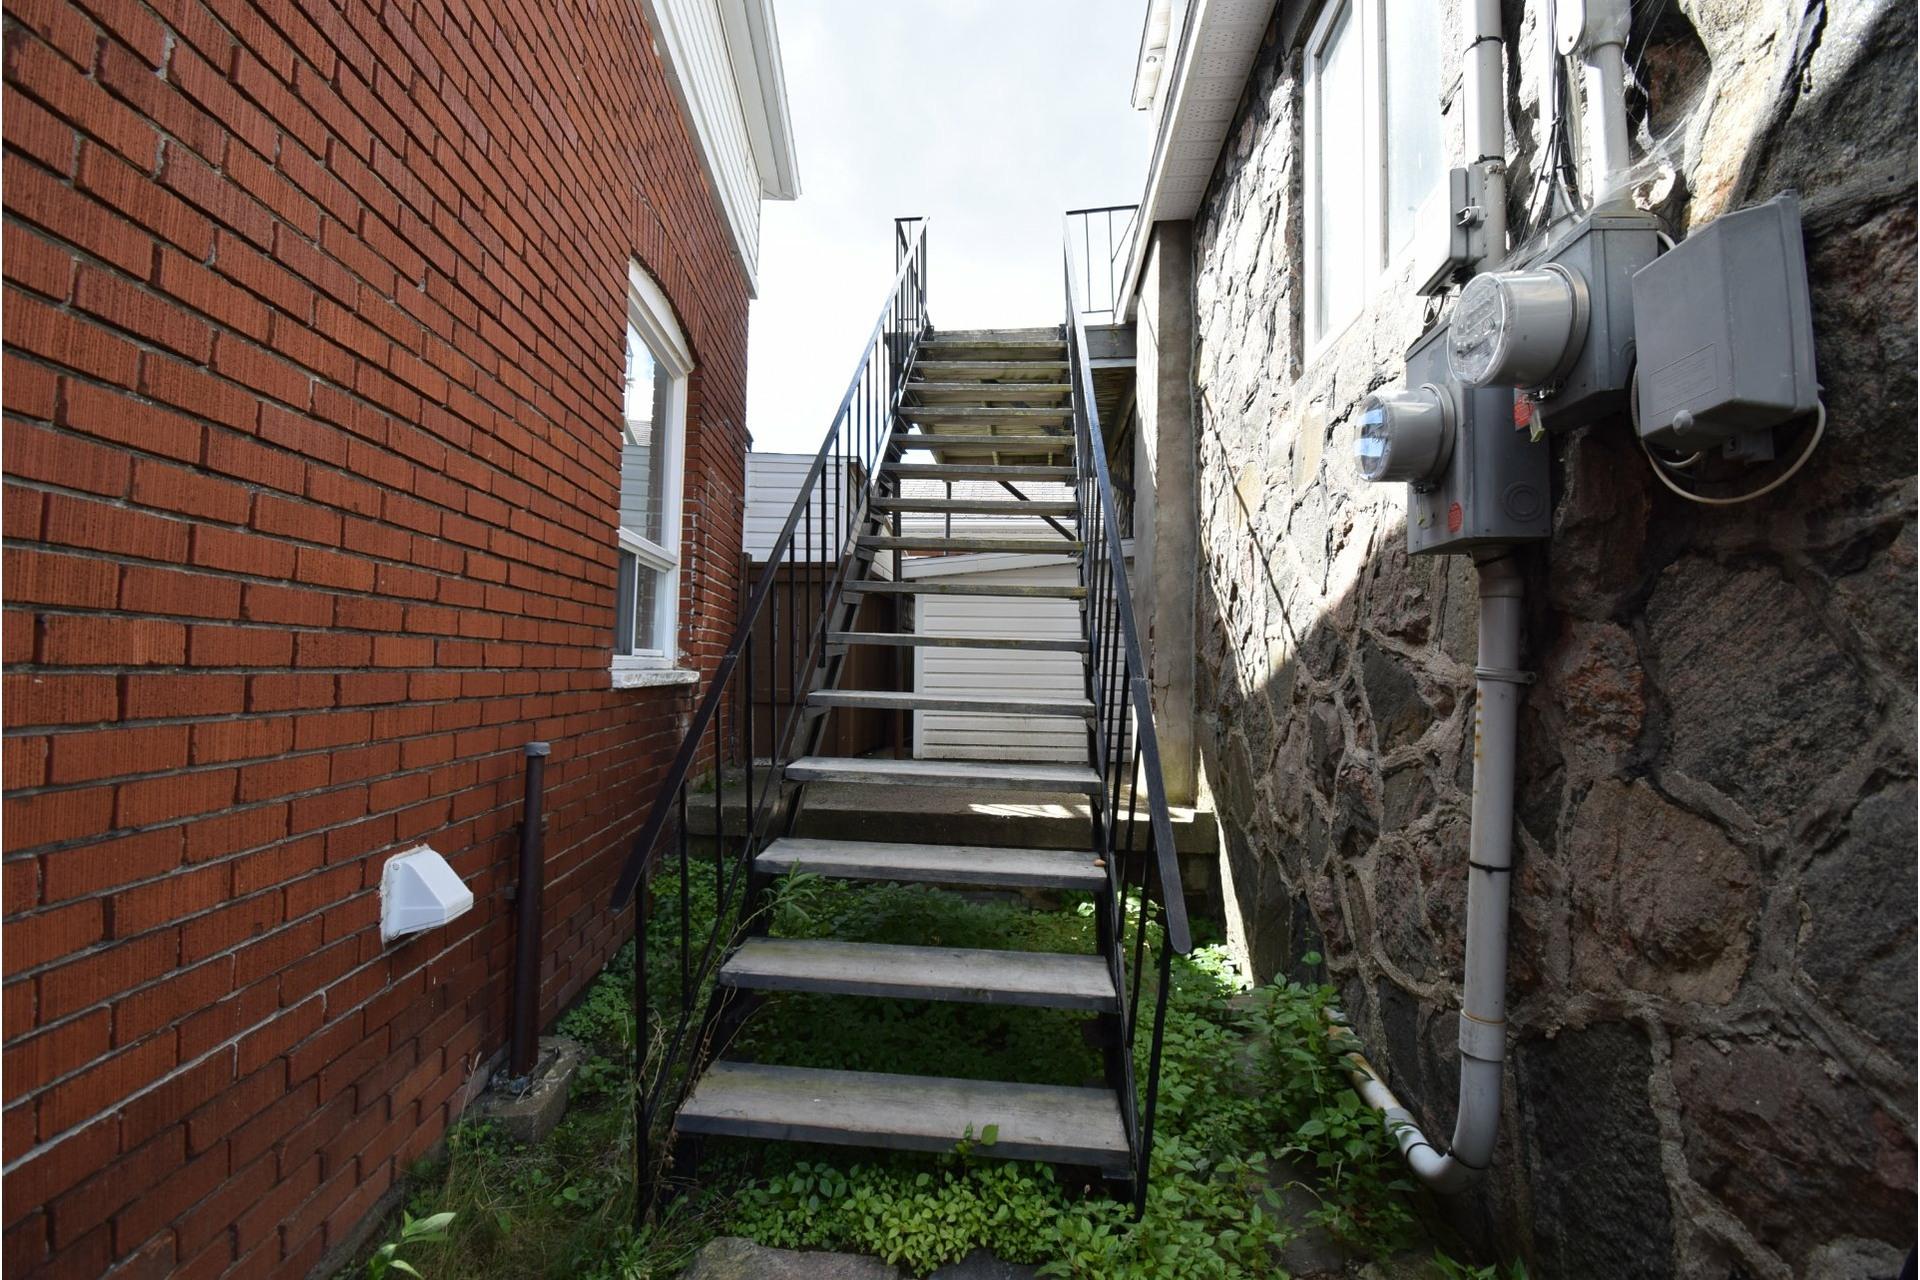 image 34 - Duplex À vendre Trois-Rivières - 4 pièces